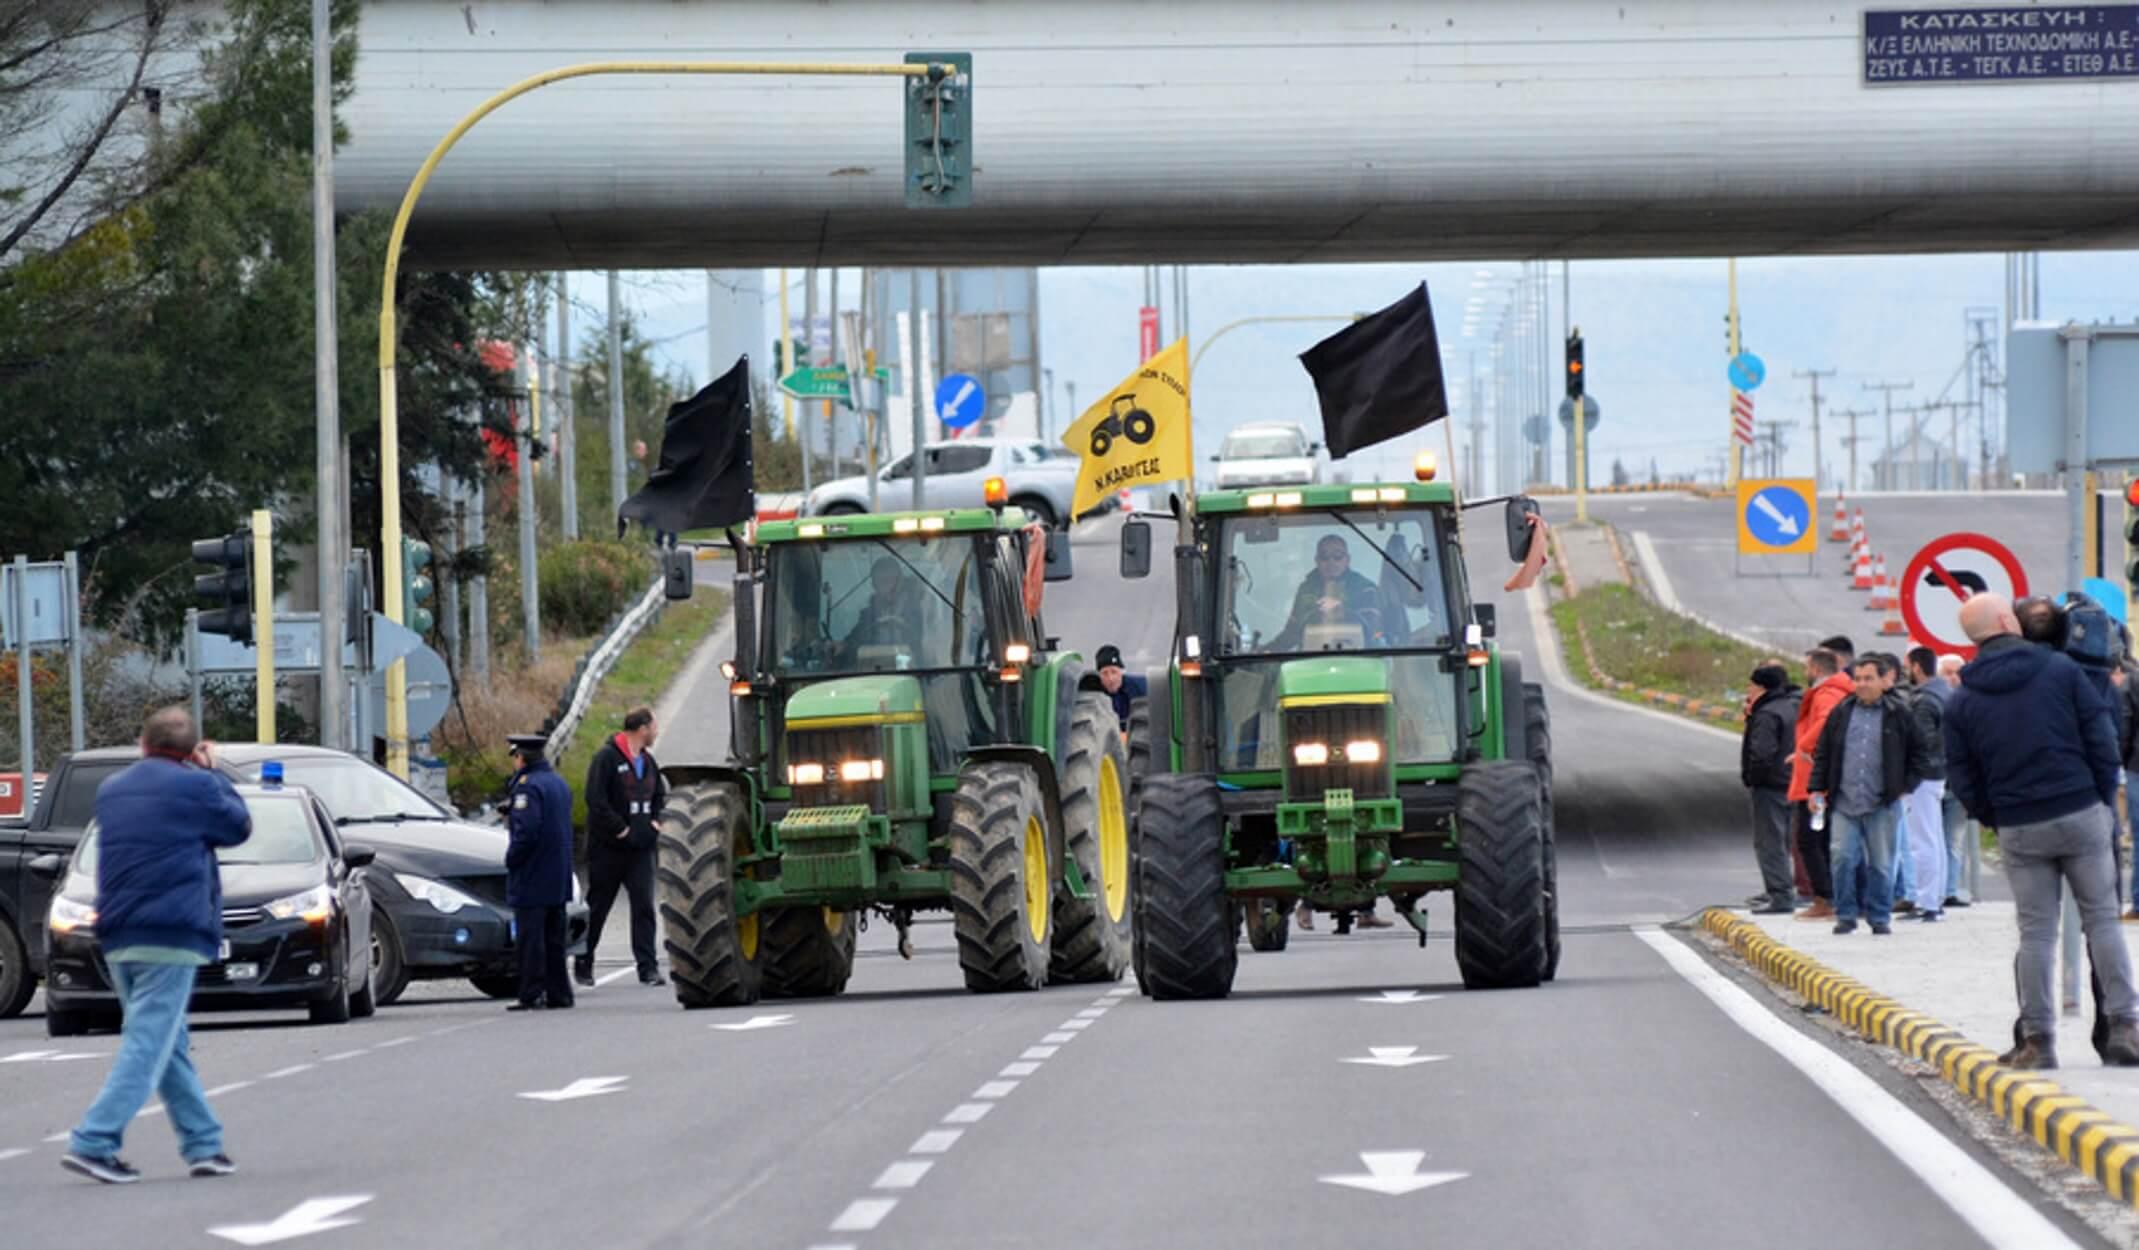 Μικρότερος φόρος στο διανεμόμενο πλεόνασμα των συνεταιρισμών προς τους αγρότες